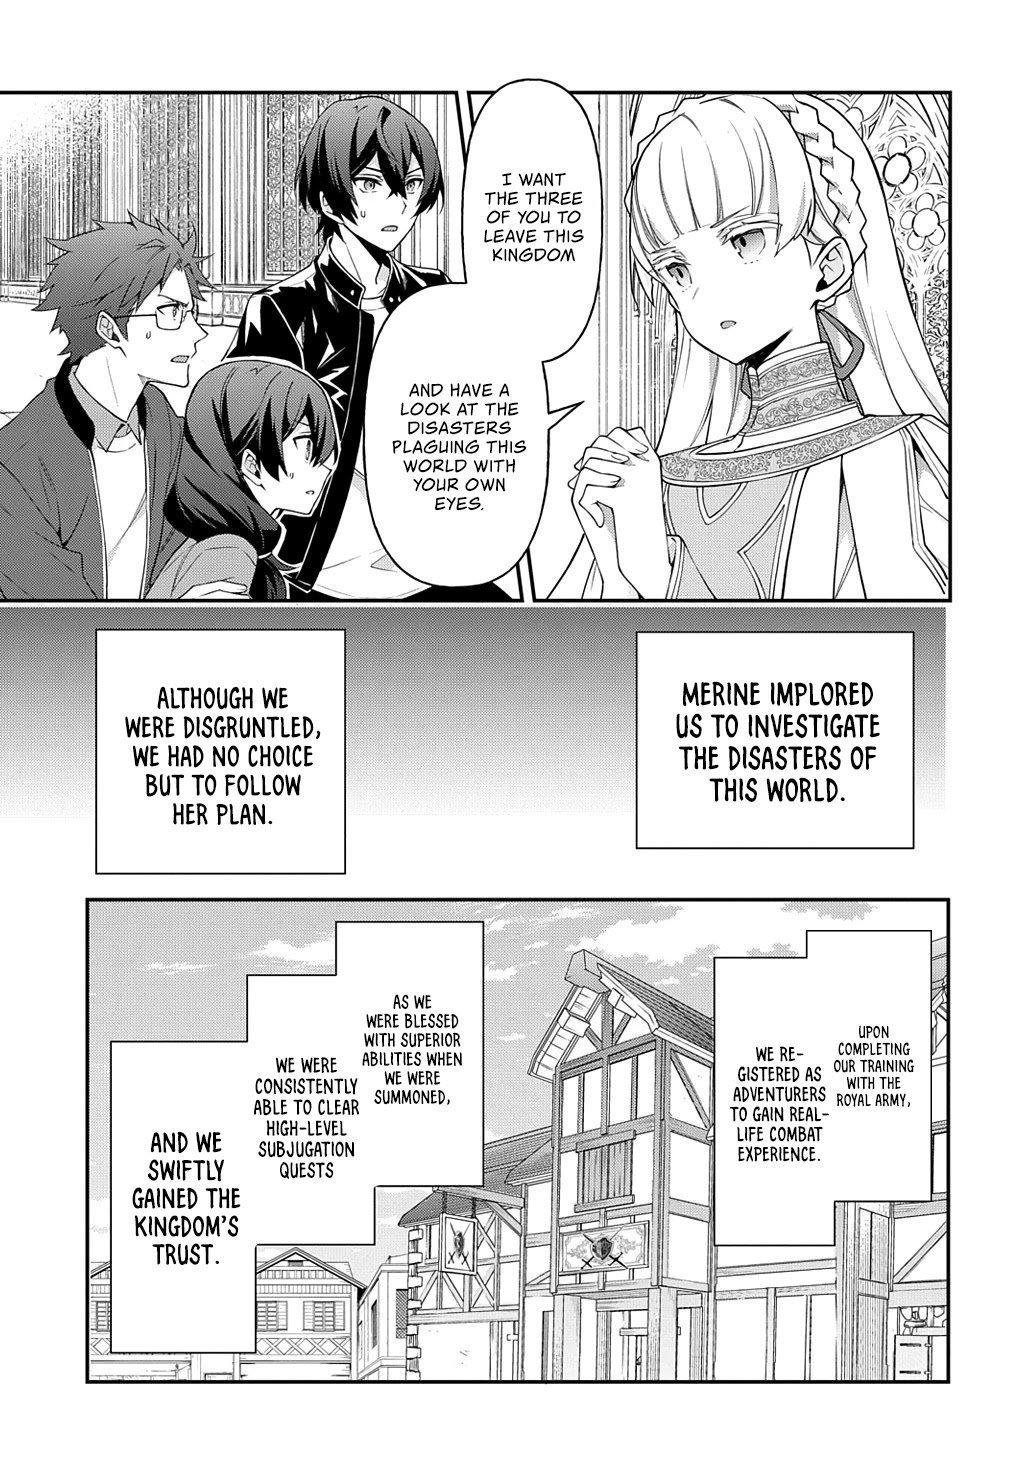 Manga Tensei Kizoku no Isekai Boukenroku ~Jichou wo Shiranai Kamigami no Shito~ - Chapter 26 Page 6